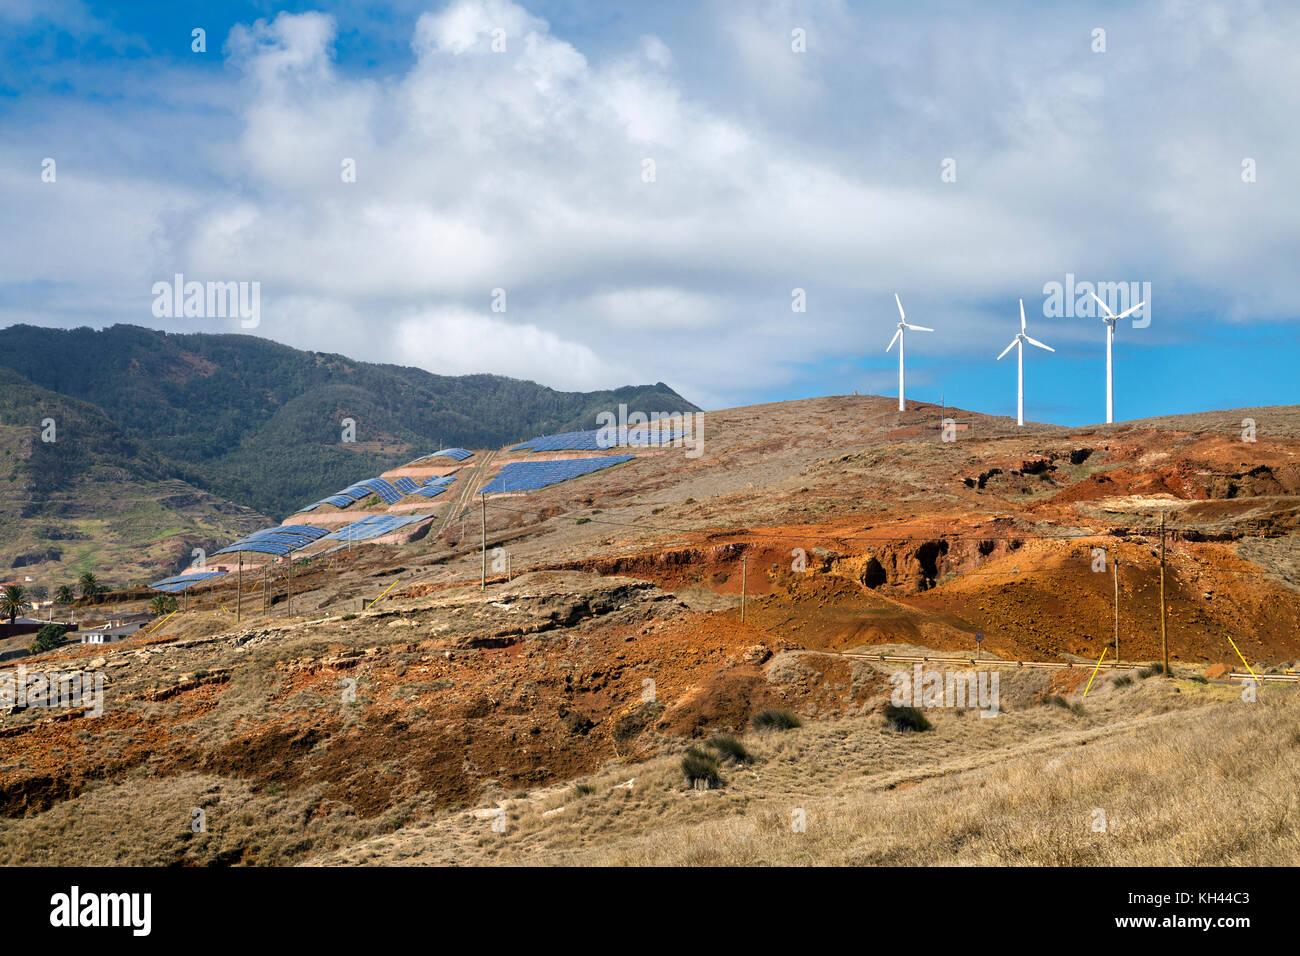 Energía verde - paneles solares y las turbinas eólicas instaladas en la ladera de una colina de Canical Imagen De Stock